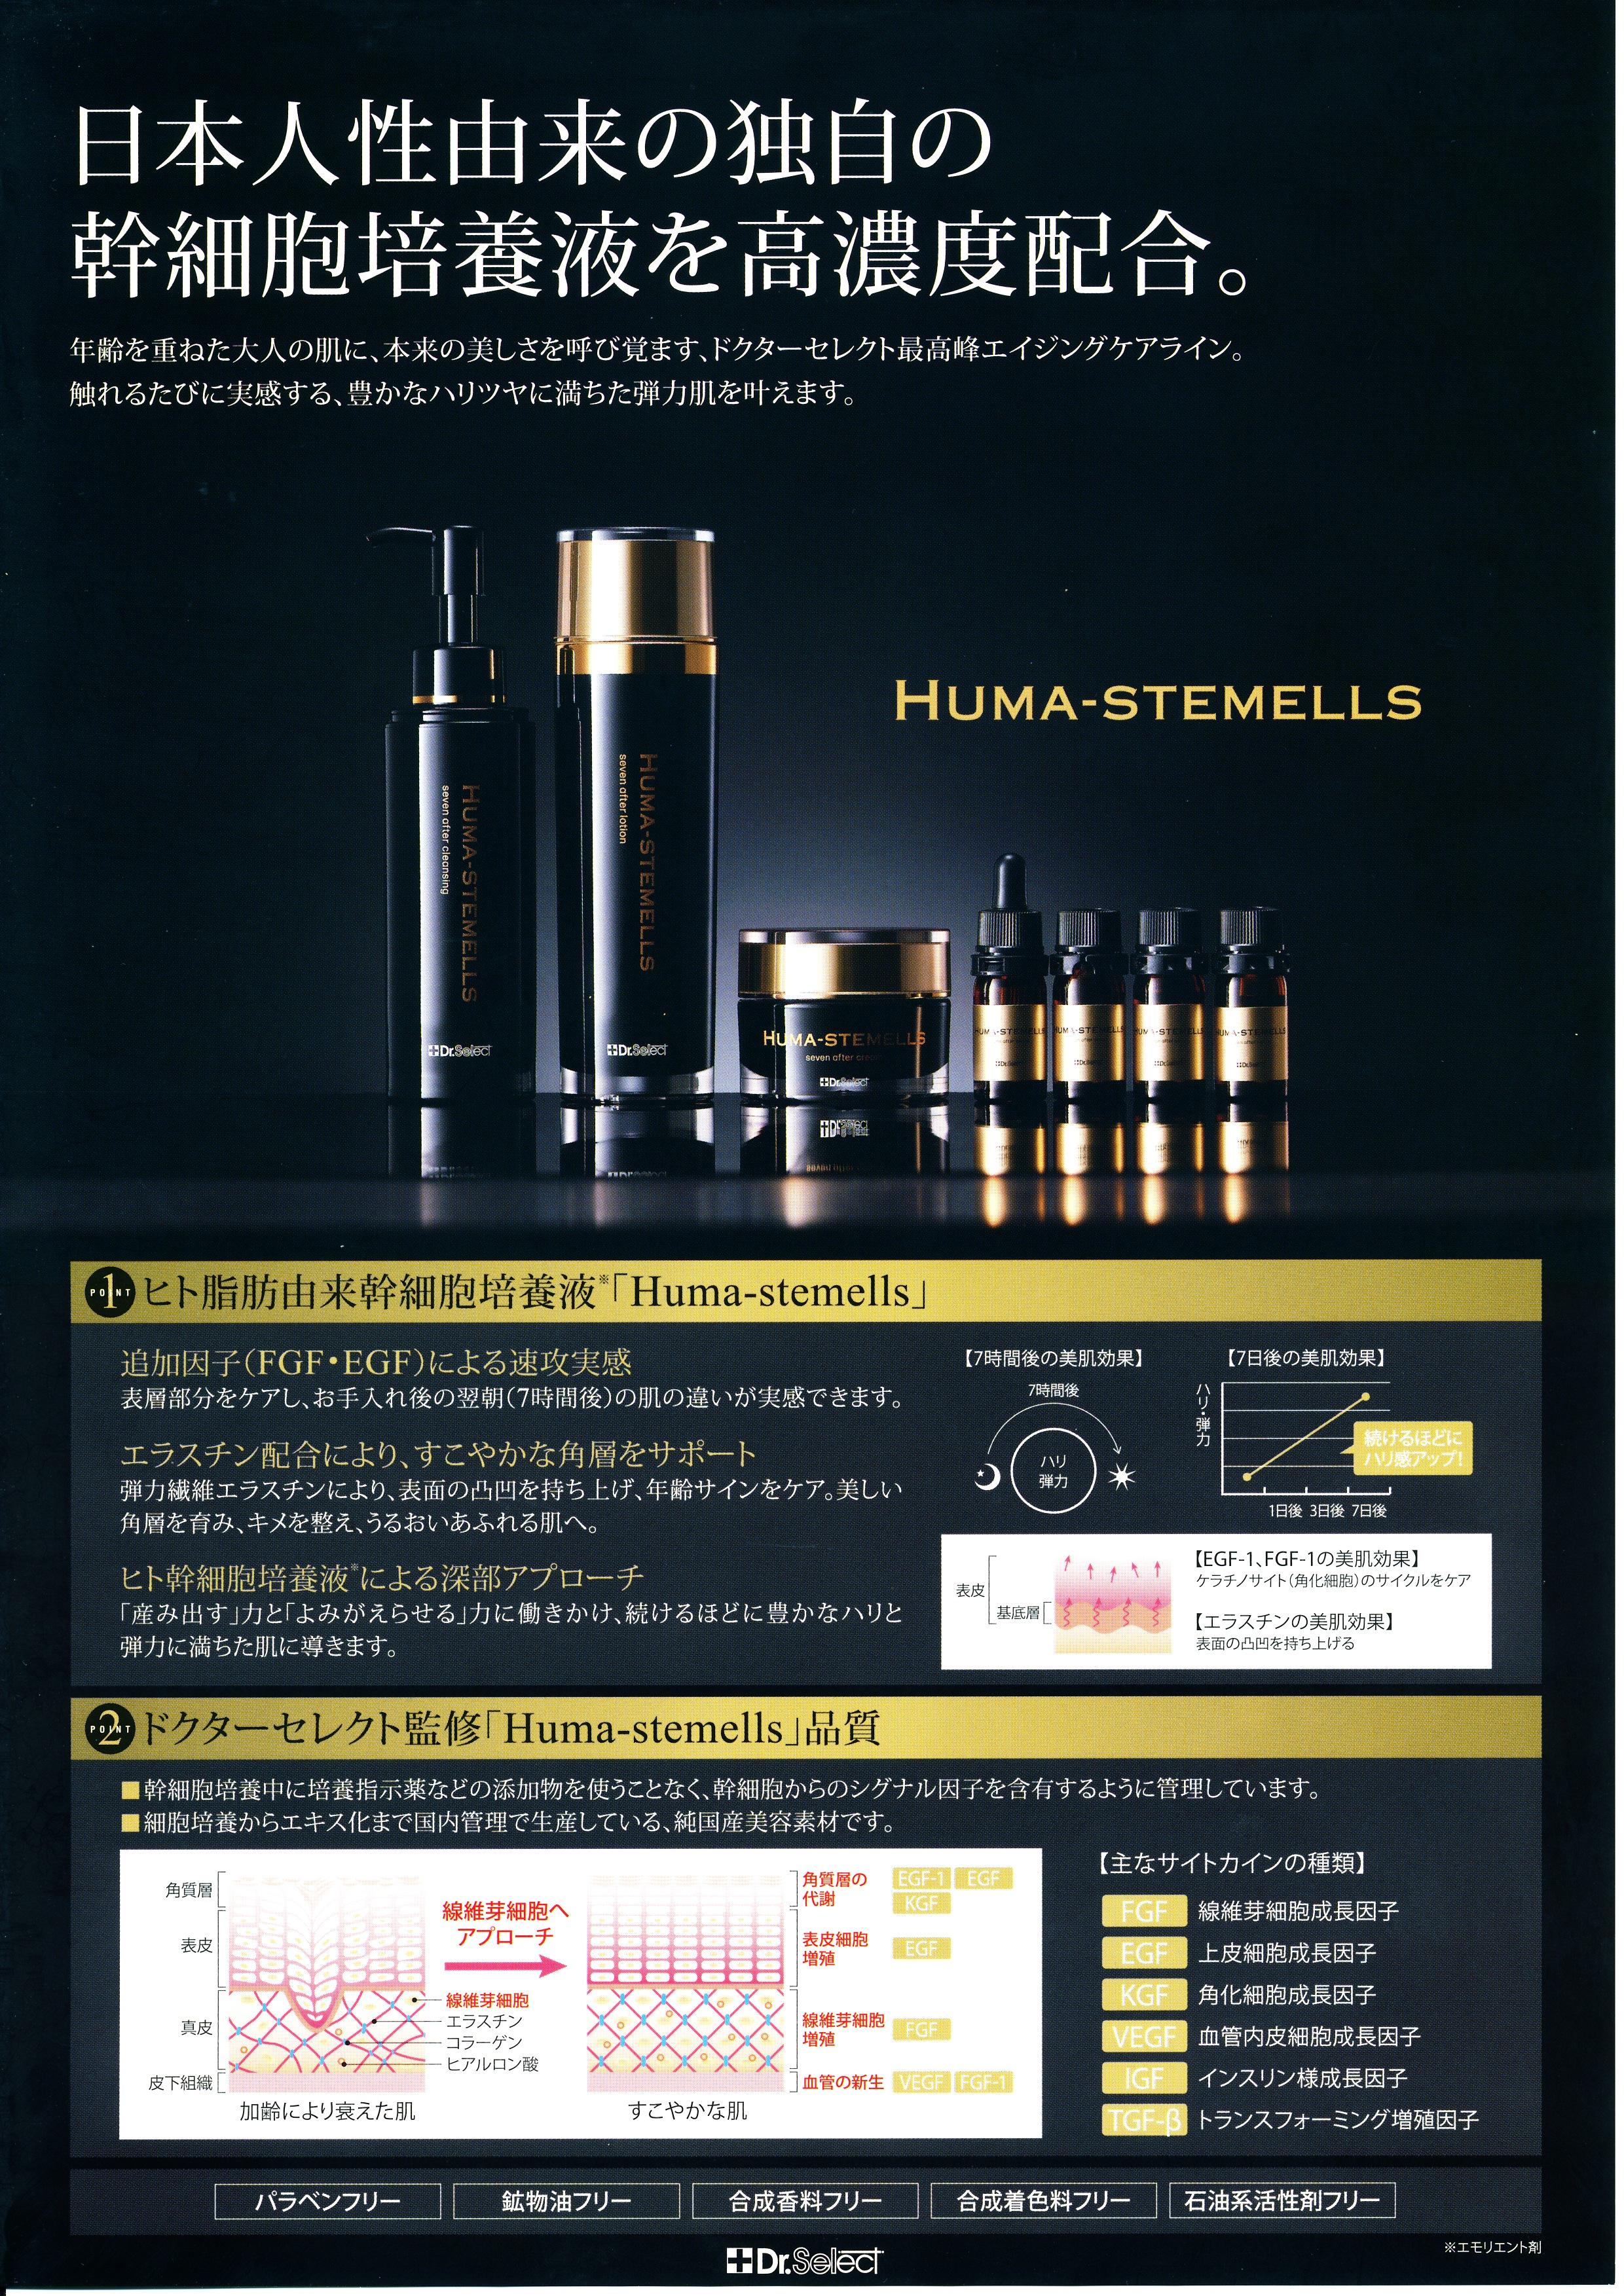 0016 幹細胞 表